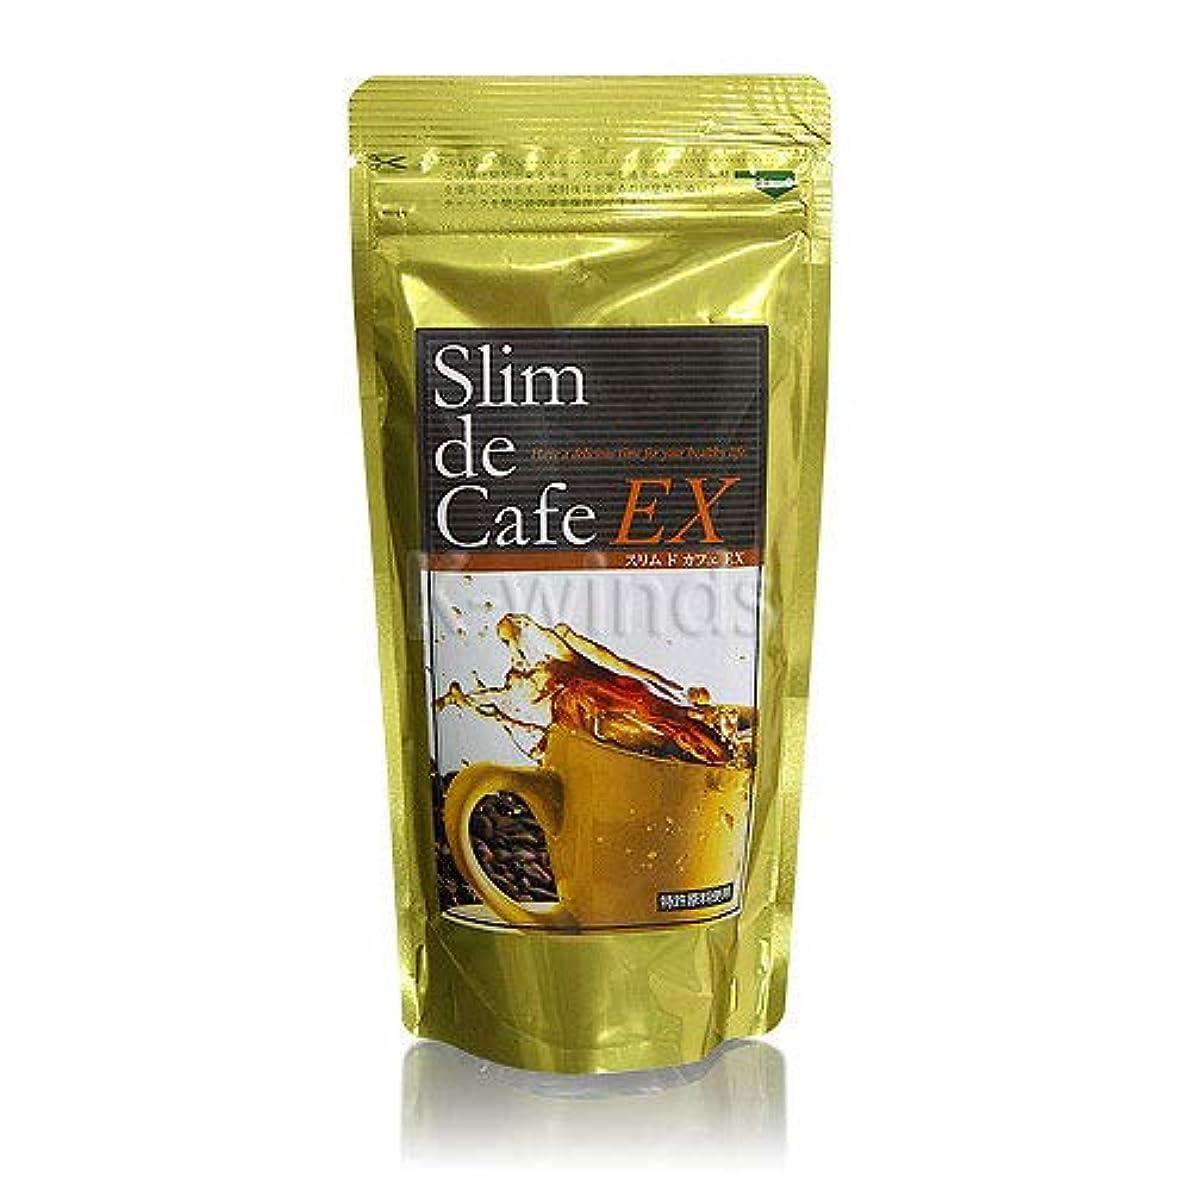 高音鳩談話スリムドカフェ EX (コーヒー粉末)100g 3袋セット